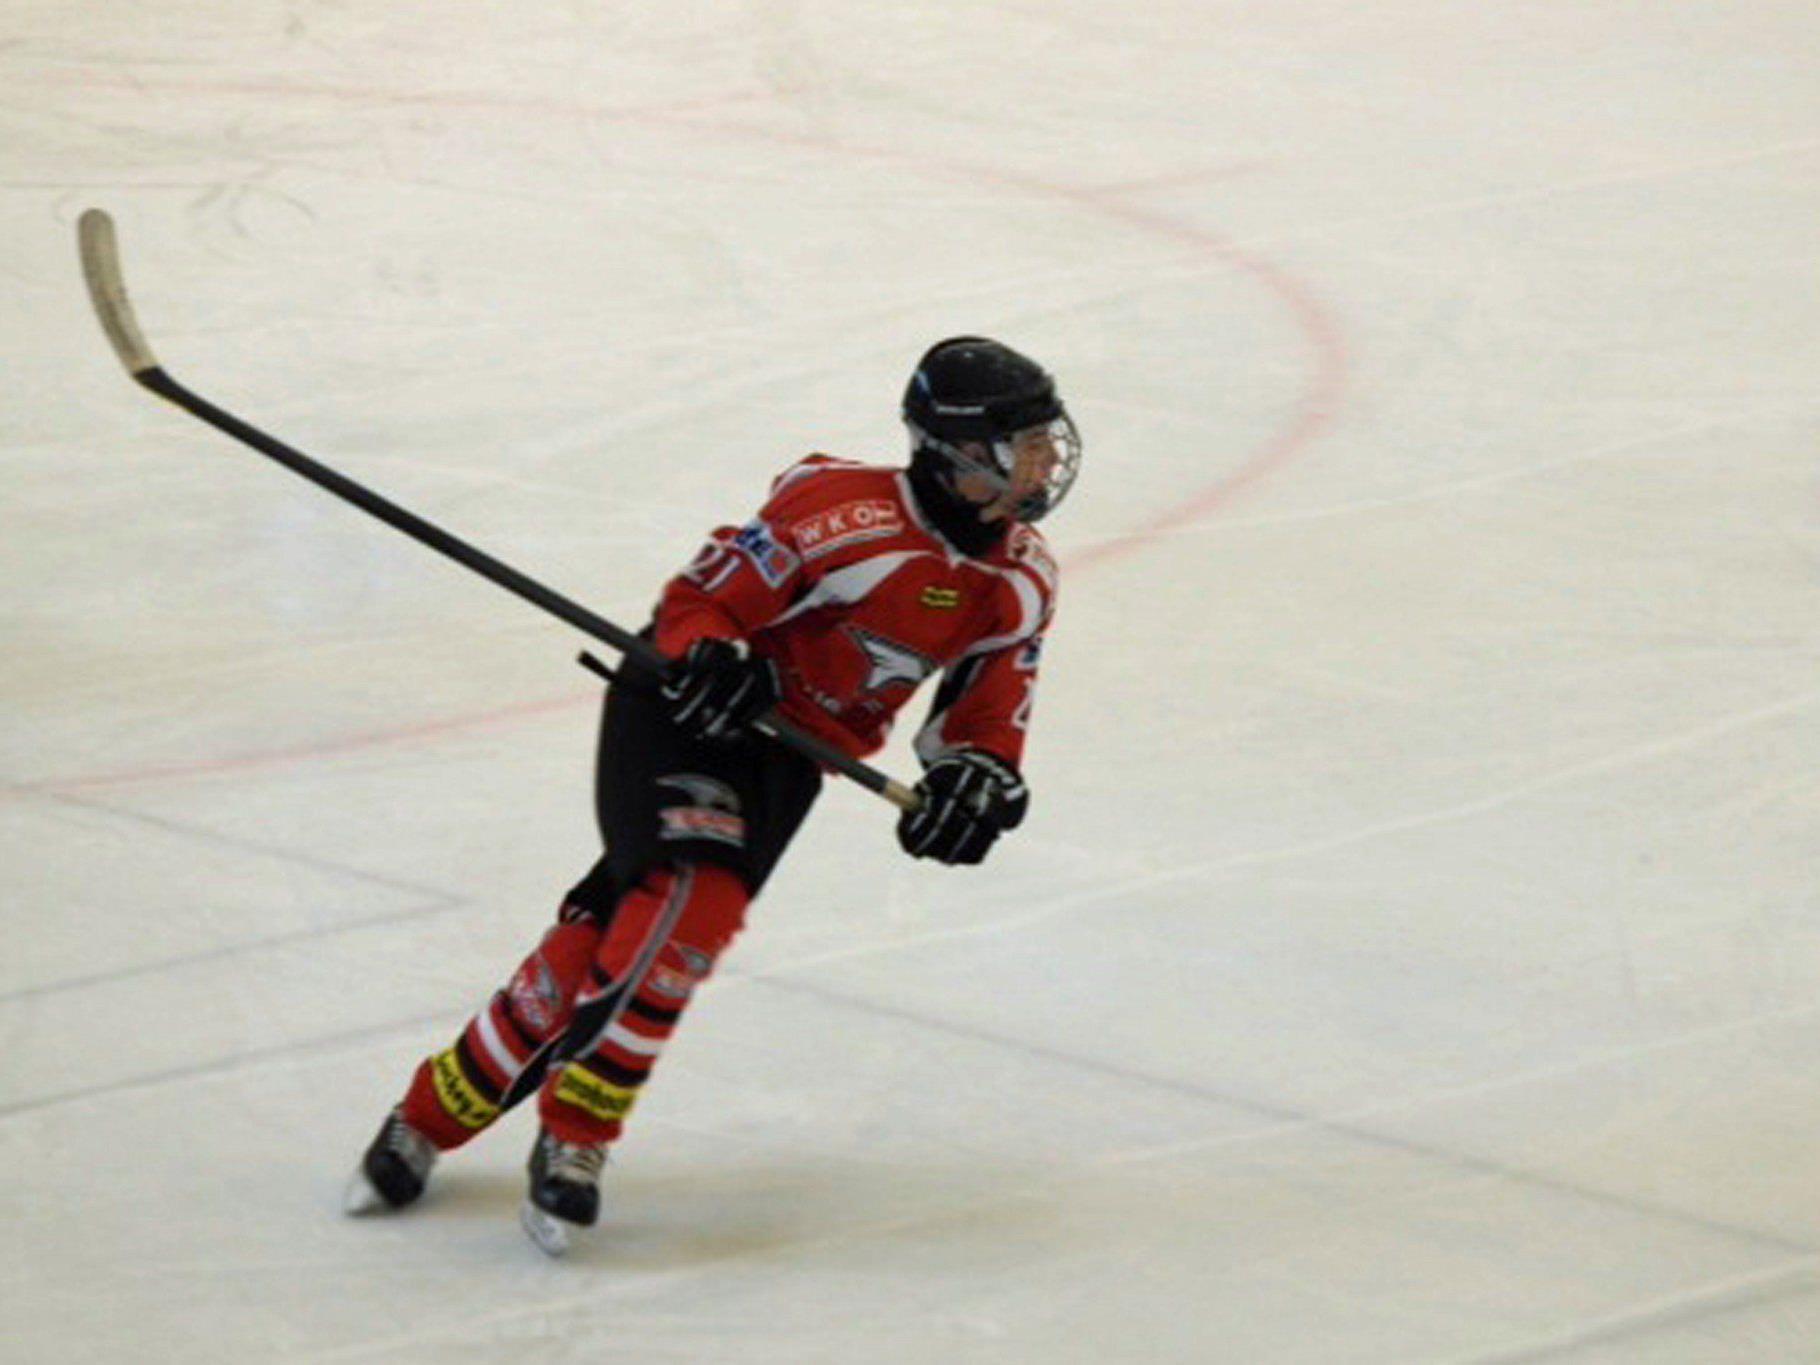 Nachwuchshoffnung Mattias Adam auf dem Eis in Action.